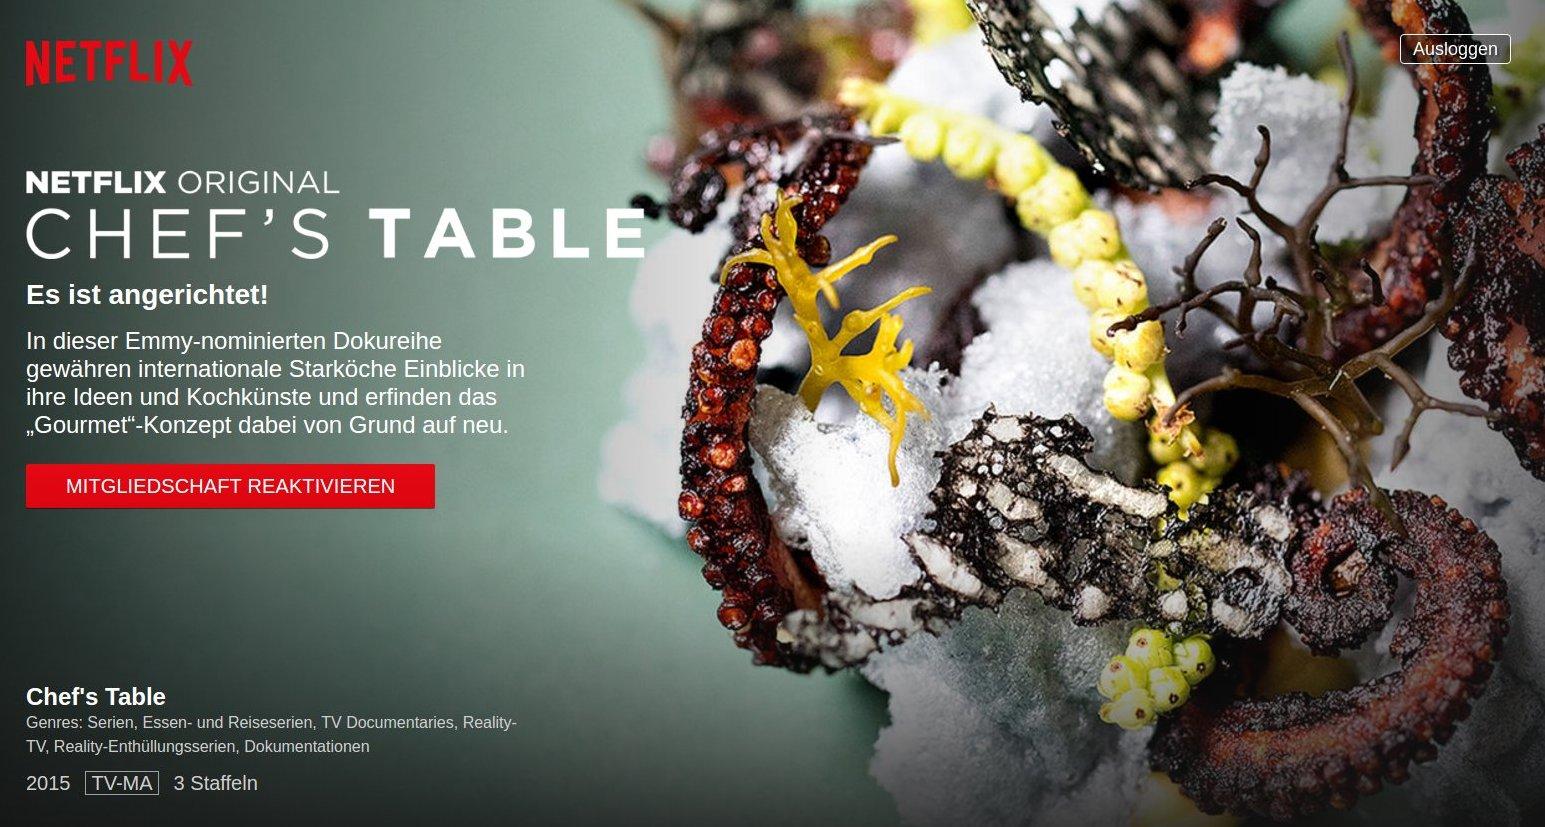 Chef's Table: Netflix Serie (Schreenshot von der Netflix Seite, Licence we give a sh** aber wir denken sowieso netflix freut sich ab der Publikation, von dem her easypeasy)